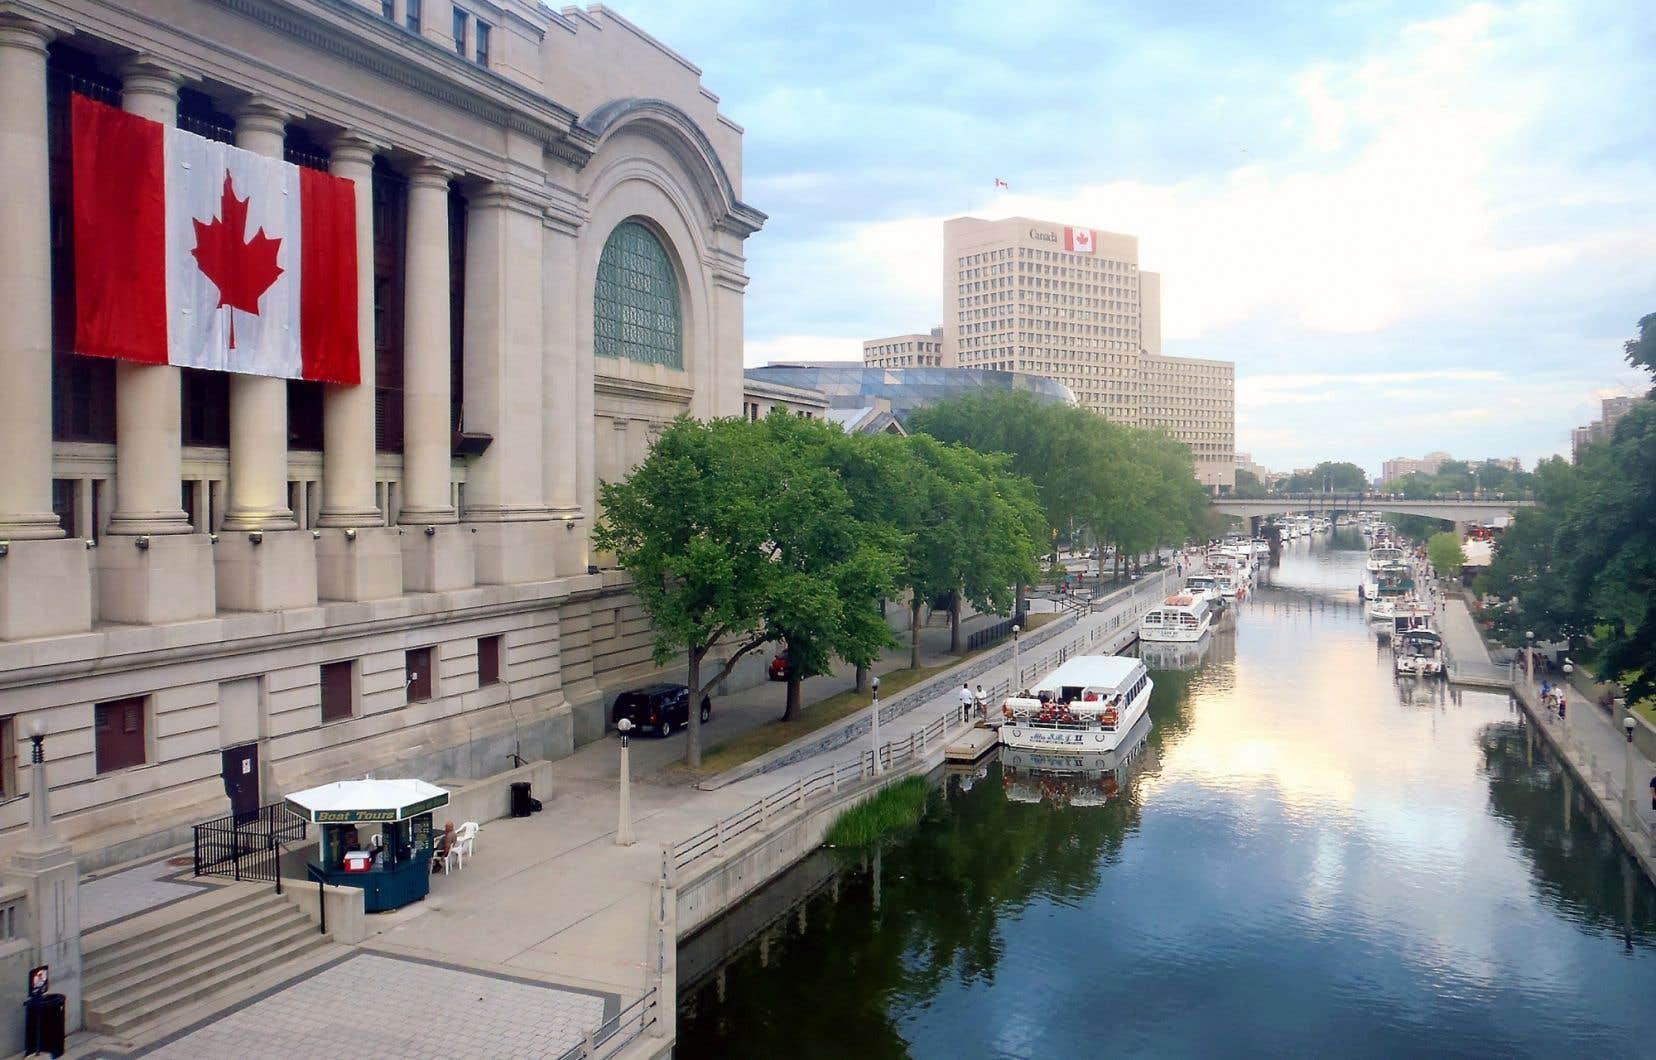 Des groupes de citoyens aimeraient faire d'Ottawa une ville bilingue, à l'instar de Bruxelles et de Moncton.